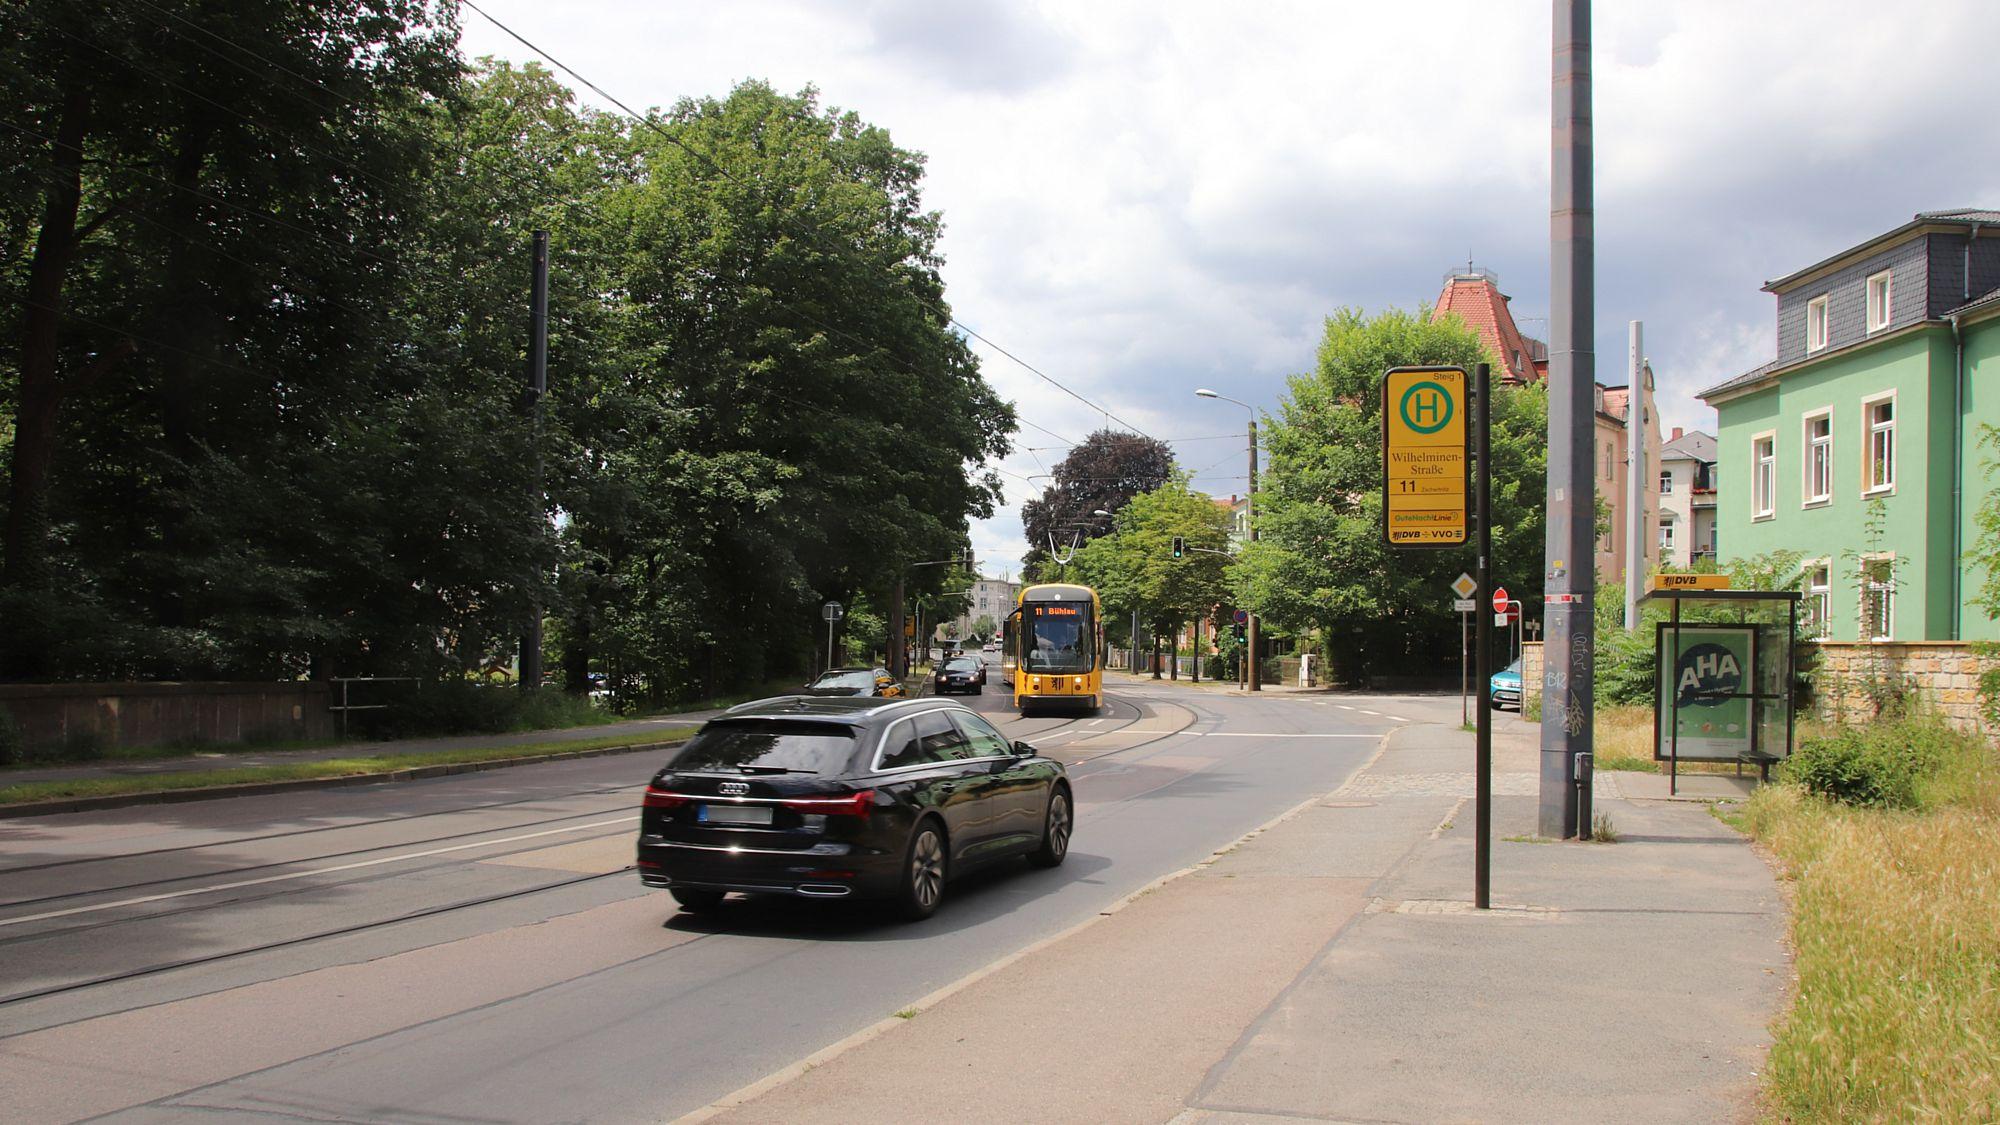 Bautzner Straße soll zwischen Wilhelminen- und Fischhausstraße saniert werden.q